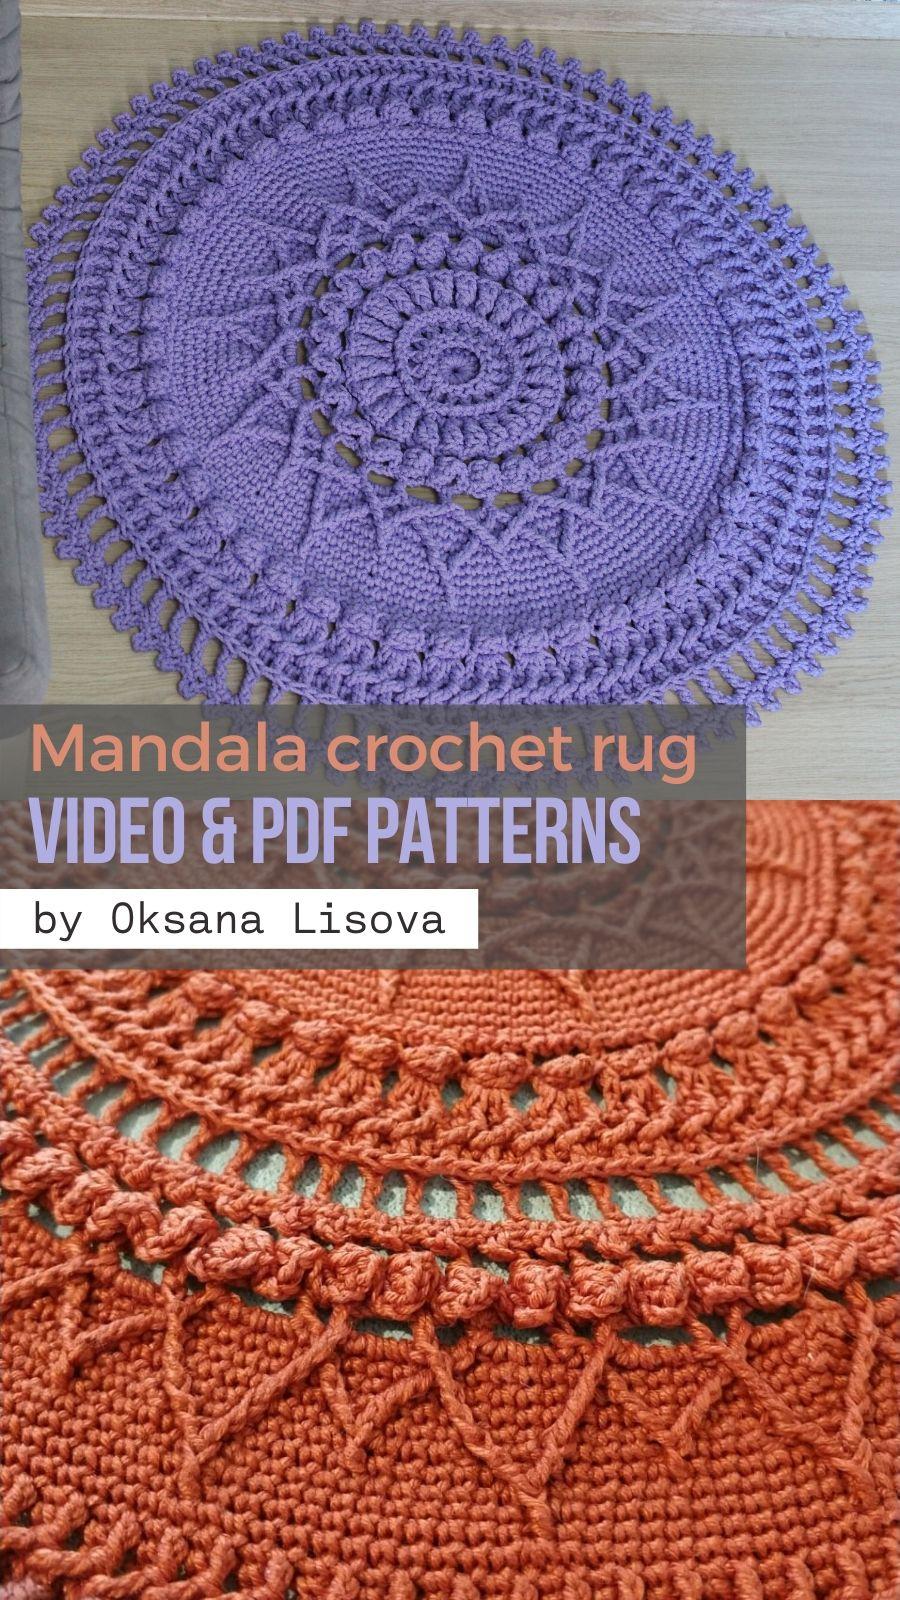 Mandala Crochet Rug Video Pdf Tutorials See All Carpet Patterns In 2020 Crochet Rug Patterned Carpet Crochet Mandala